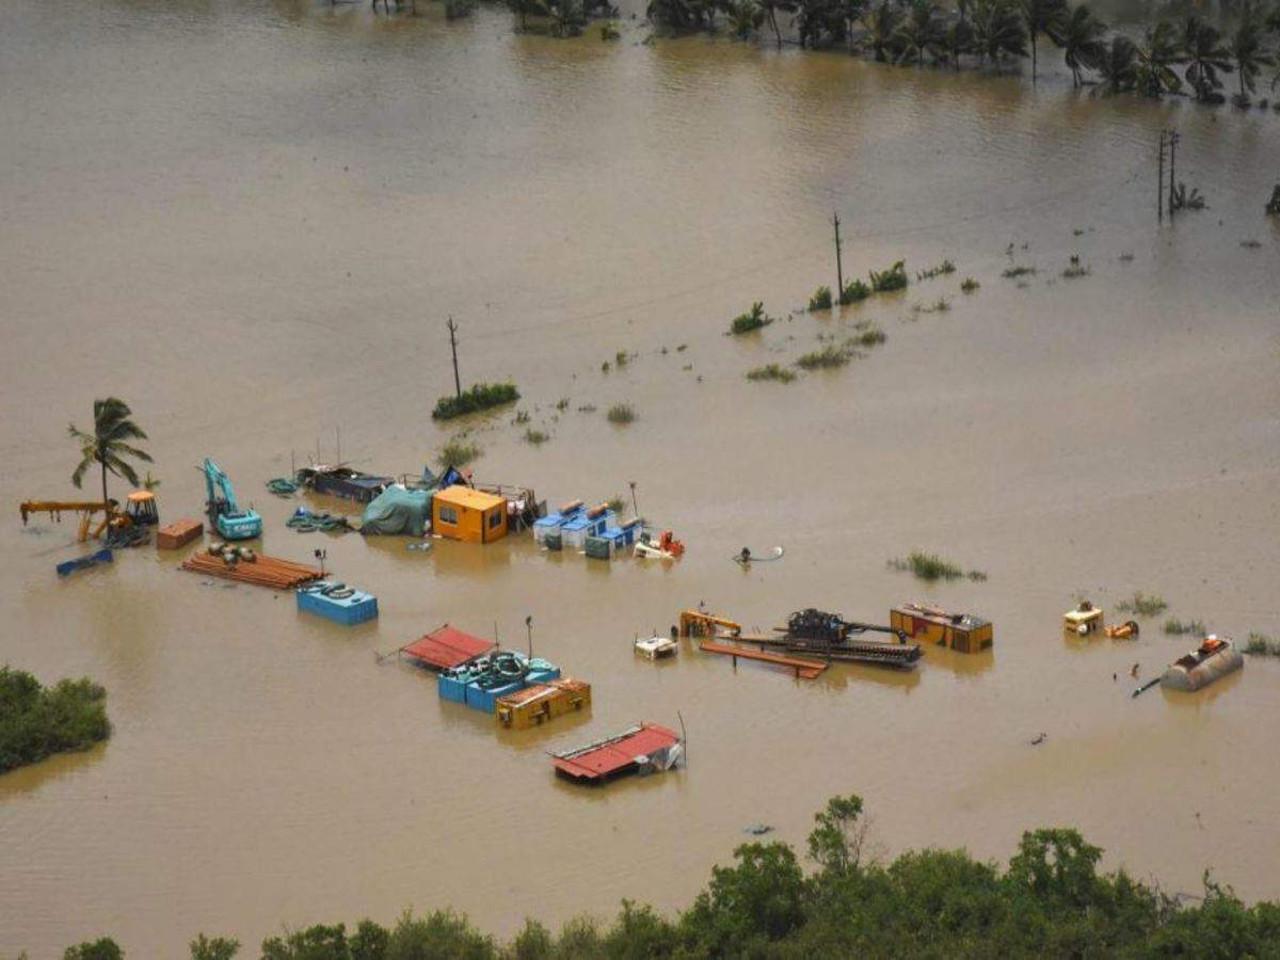 Многие ключевые автомагистрали и дороги в пострадавших регионах были повреждены или отрезаны поднимающимися водами AFP / STR